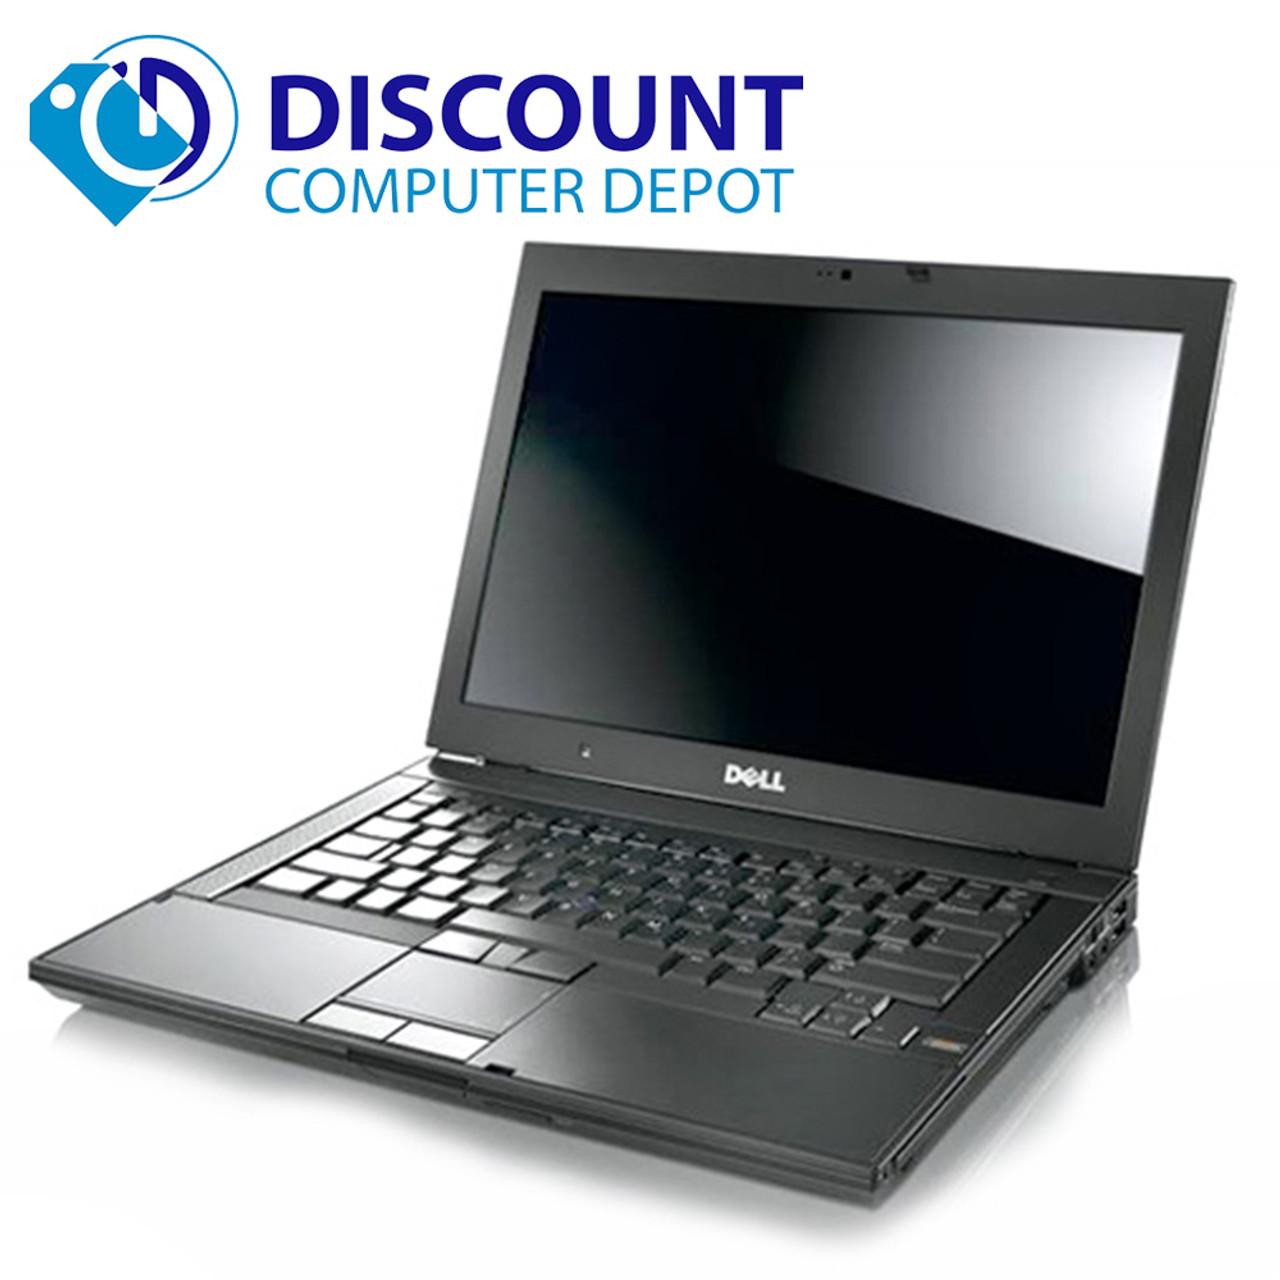 Dell Latitude E6400 Laptop Notebook Windows 10-64 bit 2 4 GHz Core 2 Duo  4GB 160GB WIFI